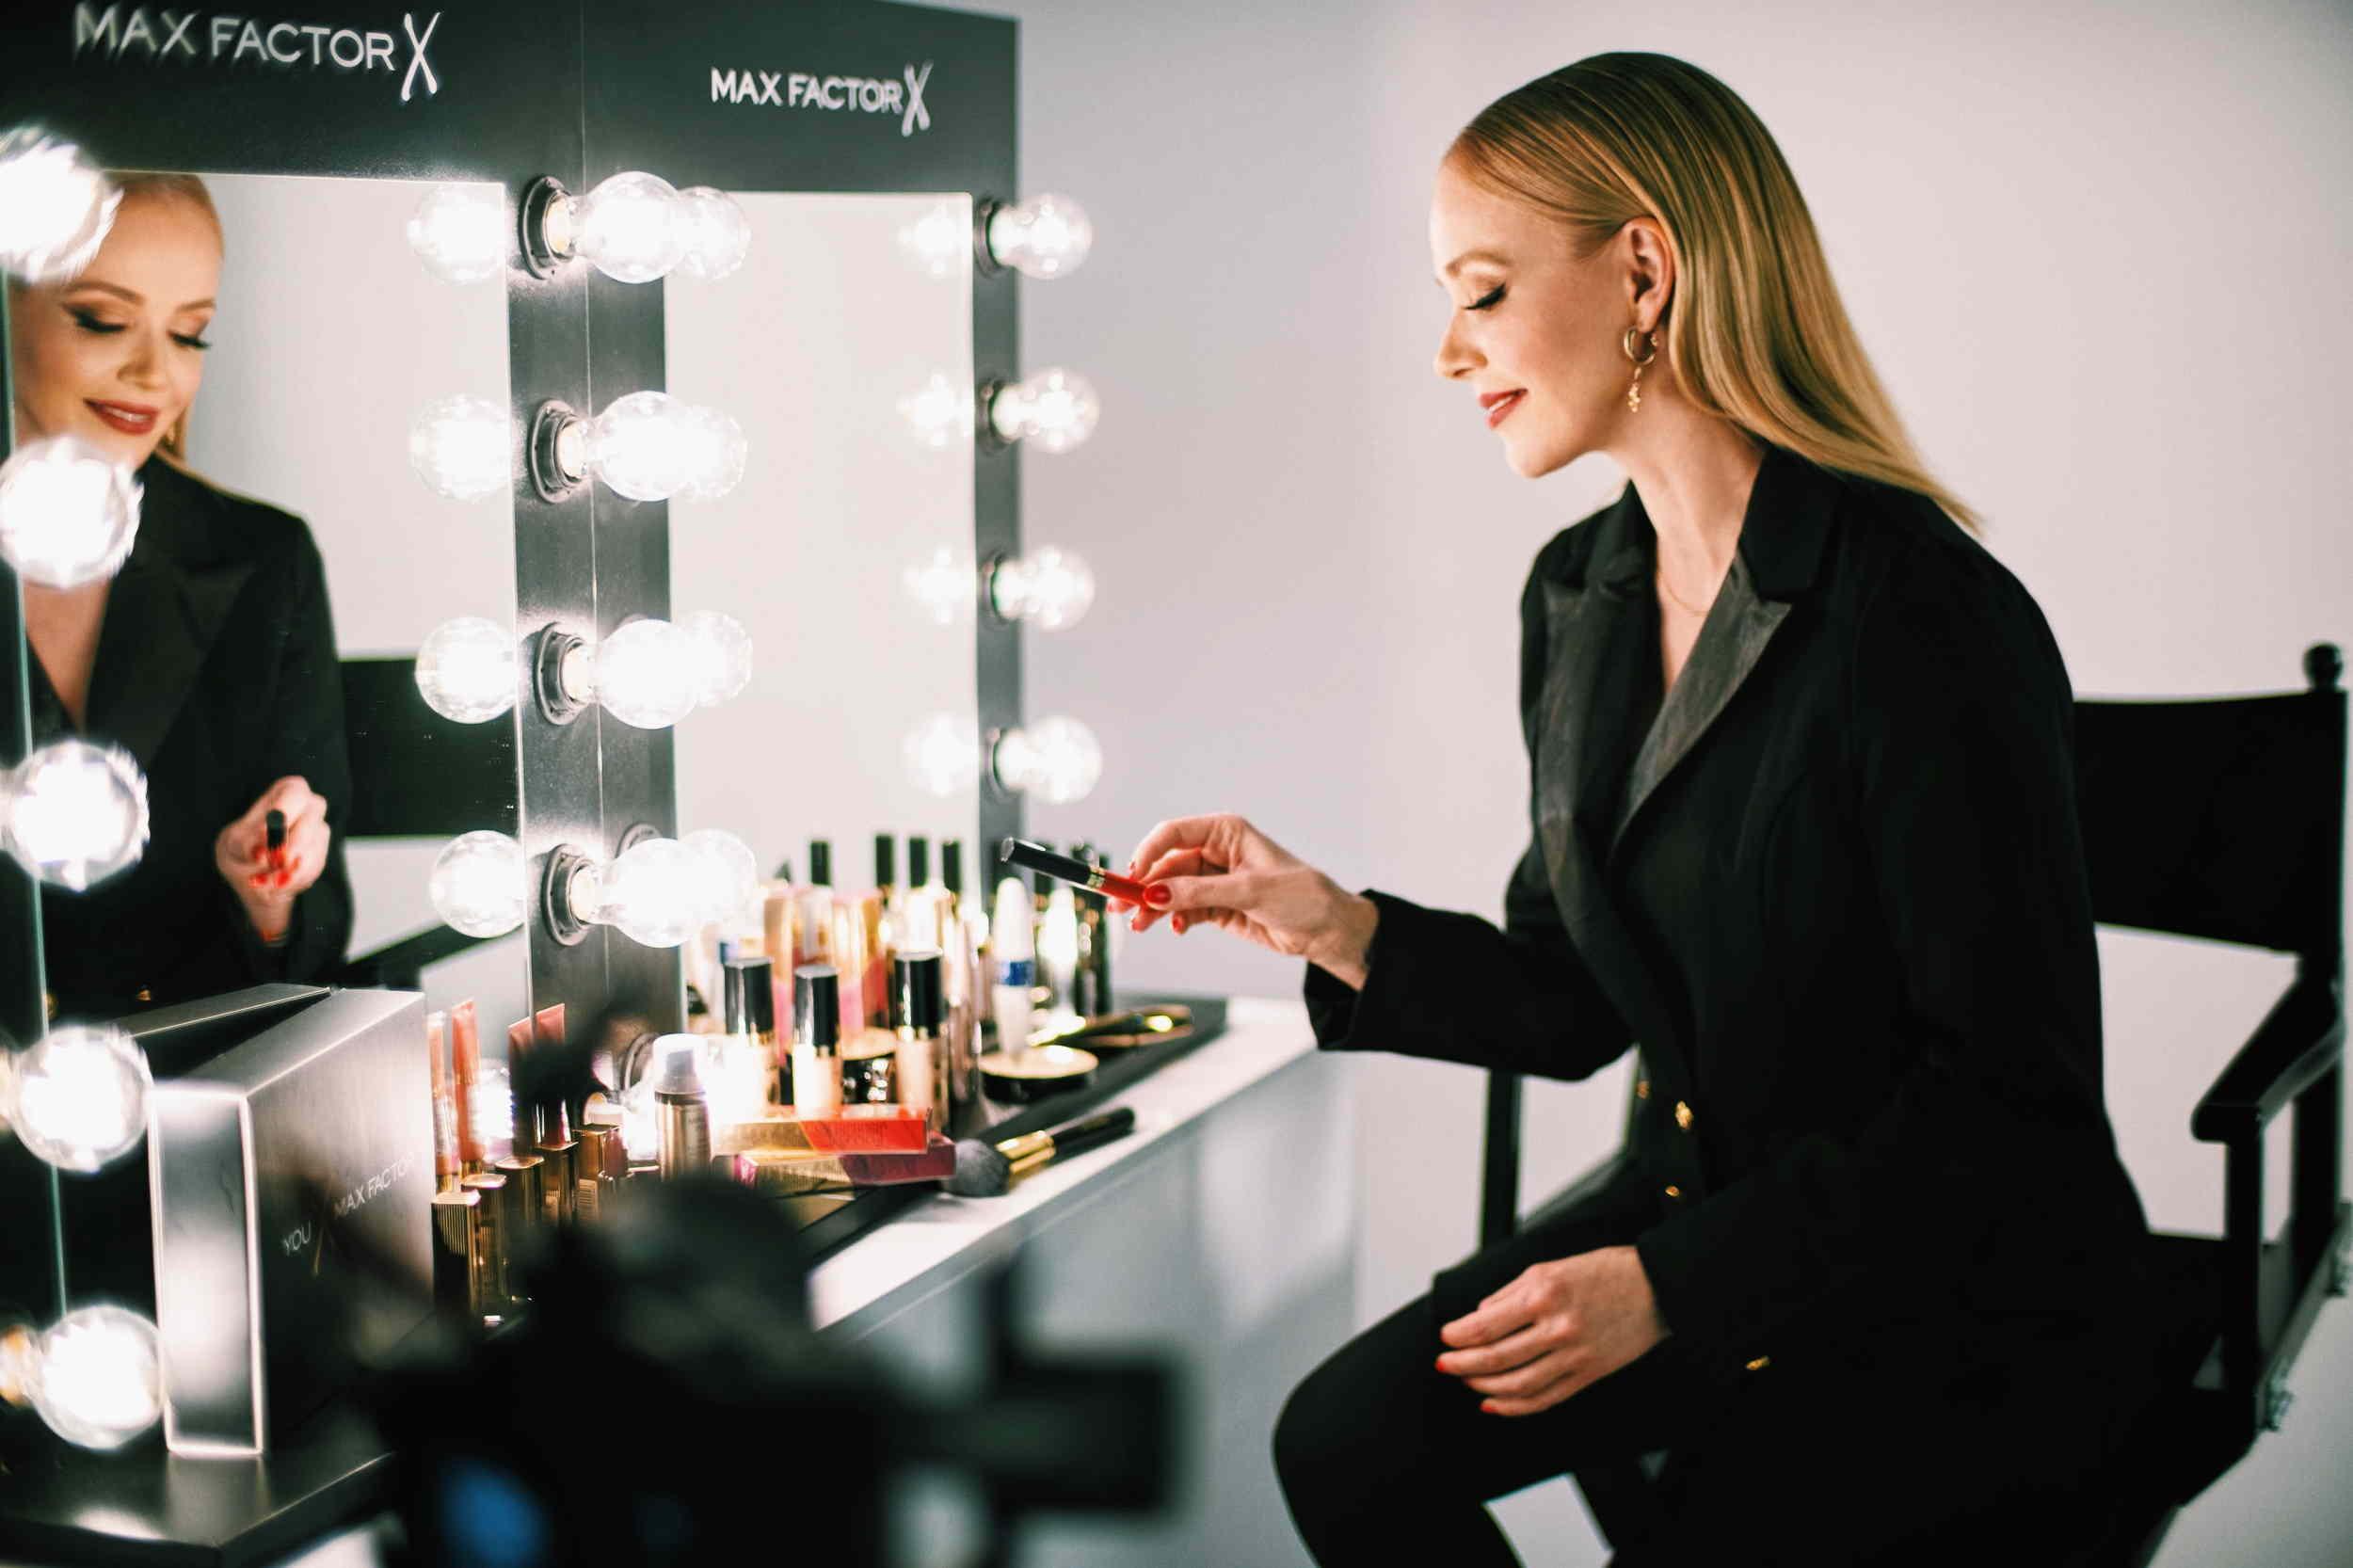 Nova regionalna #MaxFactorStories kampanja u suradnji s Jelenom Rozgom